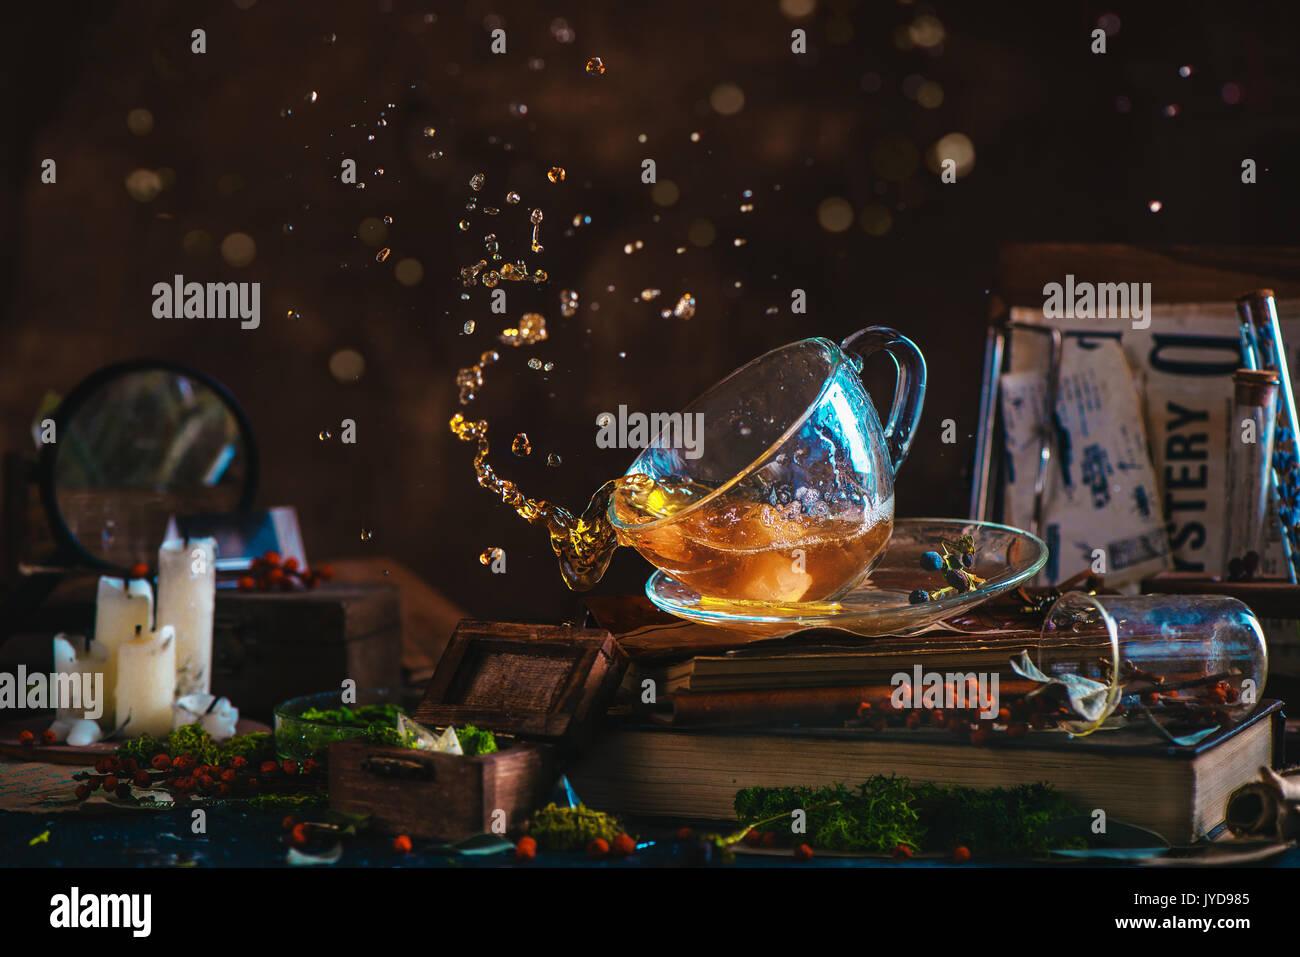 Kaffee Splash in einem Glas Schale auf einem hölzernen Hintergrund mit Kerzen, Geheimnis, Zeitungsausschnitte, Bücher, Laub und Moos. Aktion noch Leben mit Tee Tropfen bokeh Stockbild